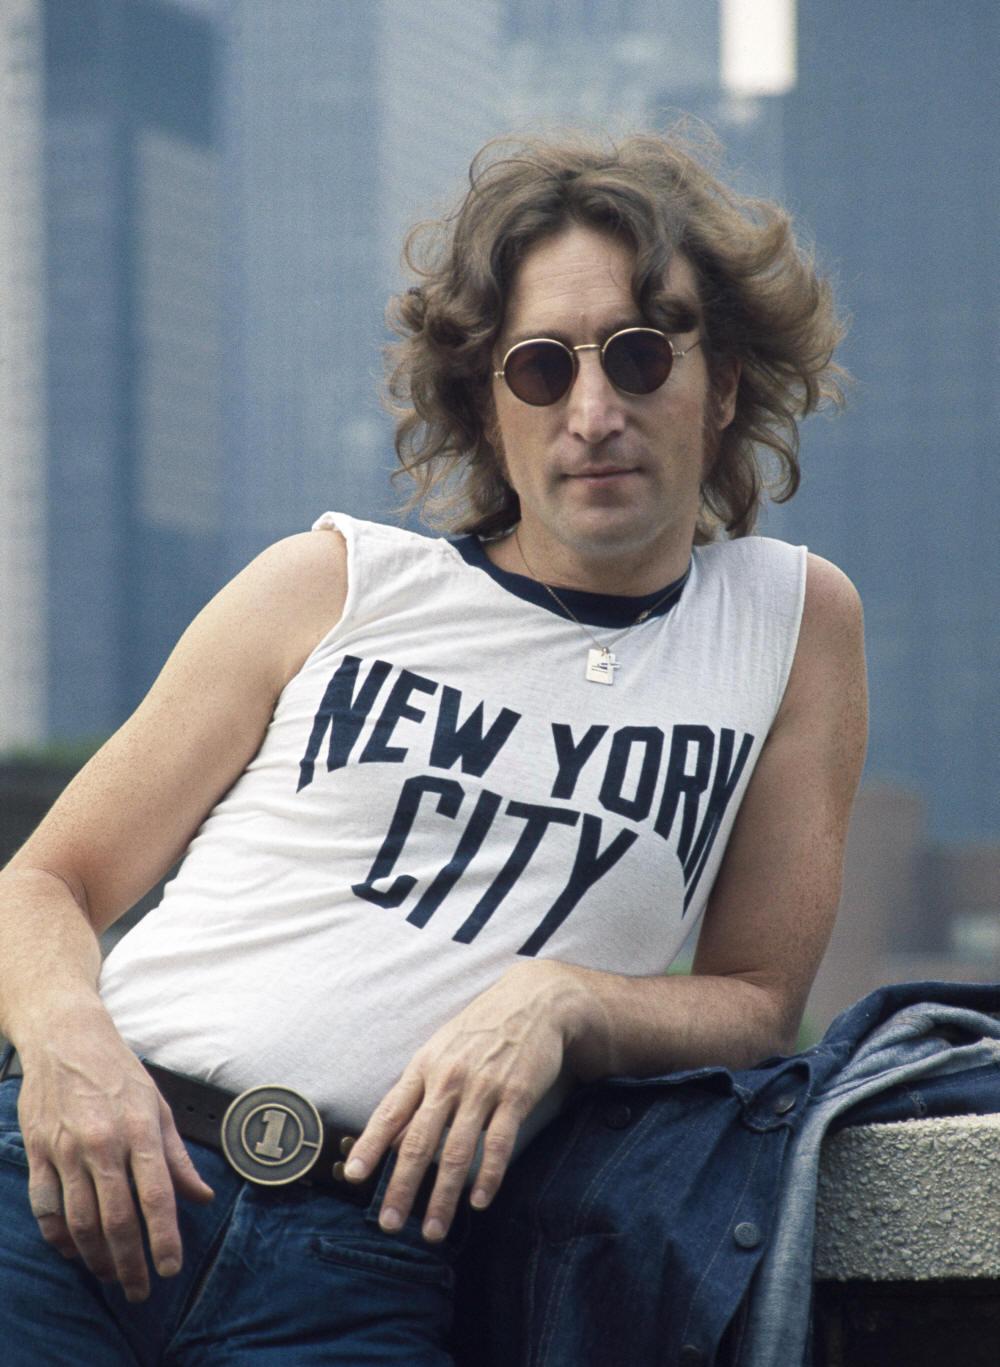 """John Winston Lennon, provavelmente um dos maiores nomes que a cultura moderna já viu, se vivo, completaria hoje 73 anos. John não era o Beatle mais elegante. Não era uma celebridade sempre elogiada por suas roupas. Muitas vezes até pelo contrário. Acontece que Lennon foi (e é) sim uma referência de moda. Na época dos Beatles, ele lançou moda com as jaquetas de couro e com os clássicos ternos bem cortados. Também ficou lembrado pela famosa camisa de 'New York City' e pelos icônicos óculos redondos. John foi um dos maiores nomes da música de todos os tempos sem precisar """"causar"""" com o figurino. Uma calça jeans e uma camiseta branca já era o suficiente. Só a voz, a criatividade e a genialidade eram o bastante para abalar e fazer dele um dos mais elegantes da música."""